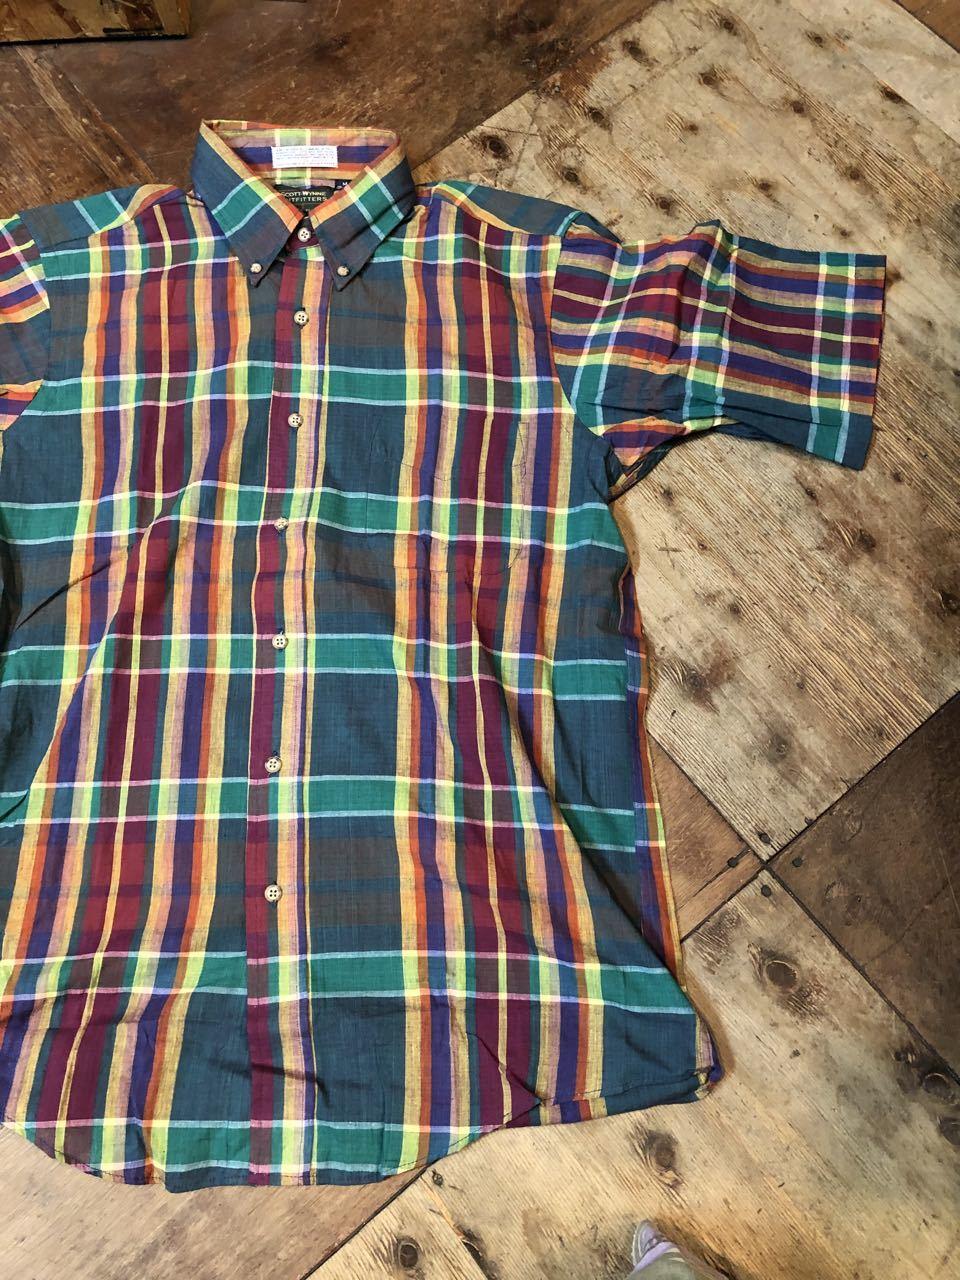 8月8日(木)入荷! 80s MADE IN U.S.A  デッドストック マドラスチェックシャツ! _c0144020_14103695.jpg